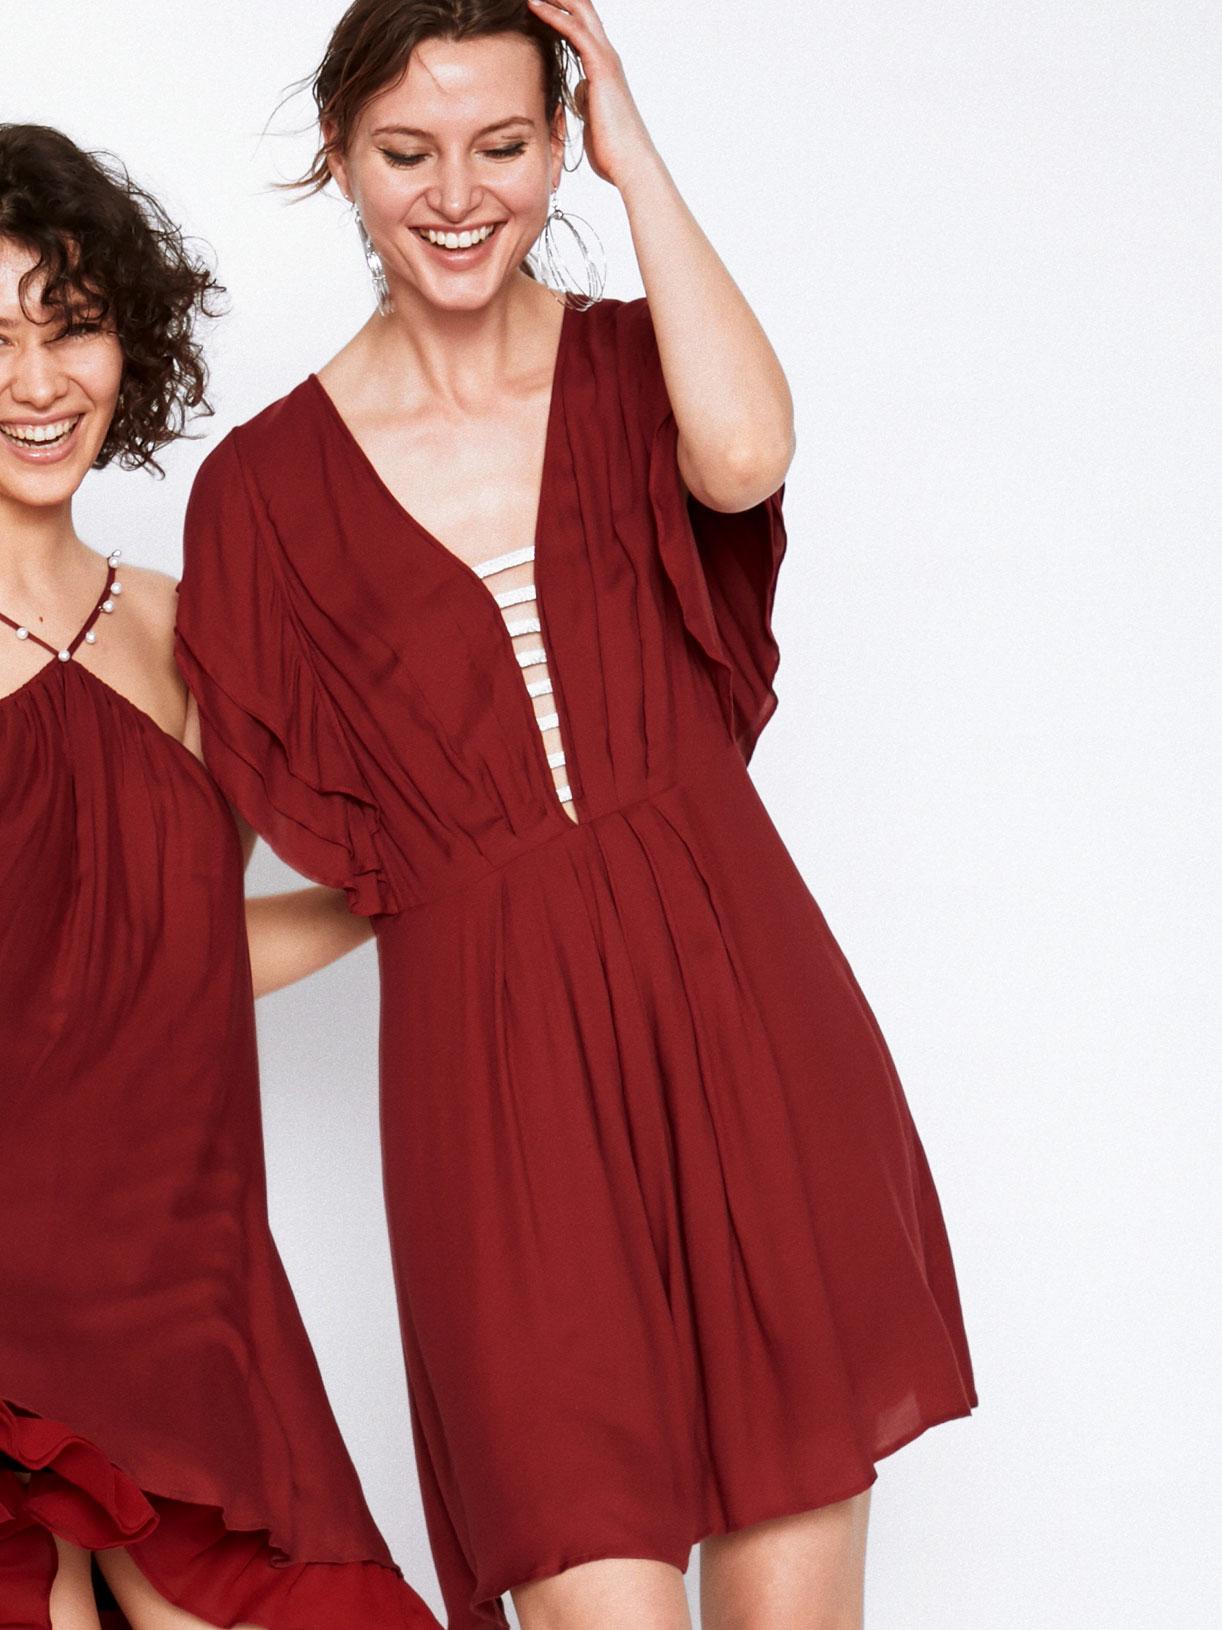 Robe d'invitee mariage rouge a volants  écoresponsable - Creatrice de mode éthique et bio a Paris - Myphilosophy